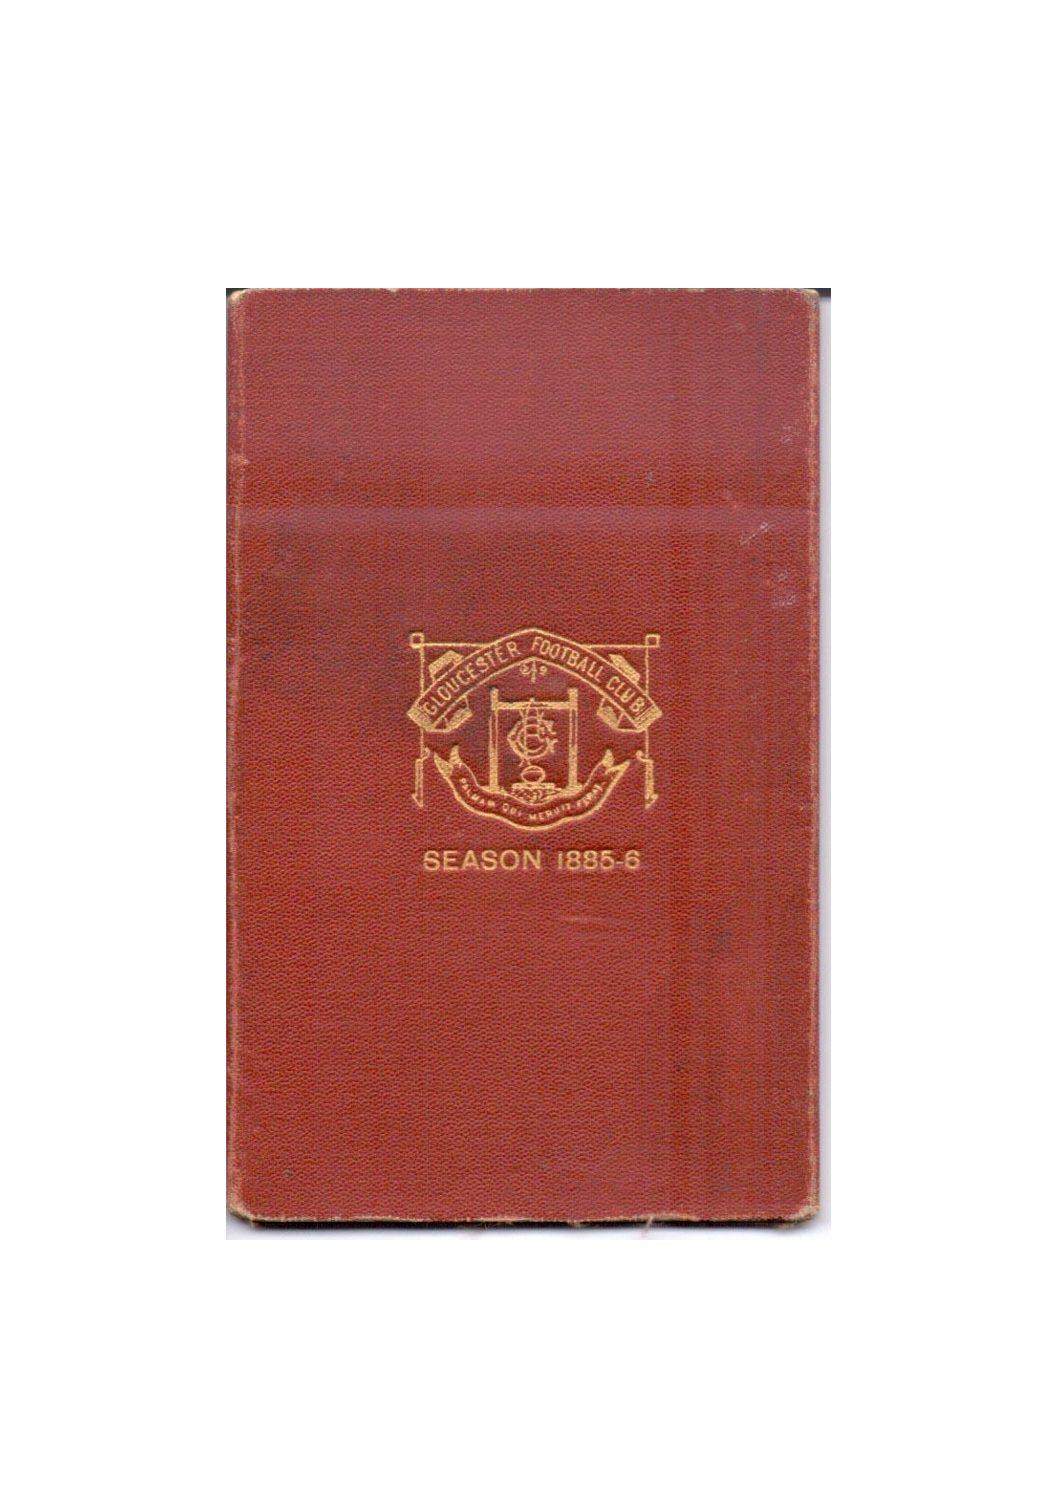 1885-86 Season Ticket